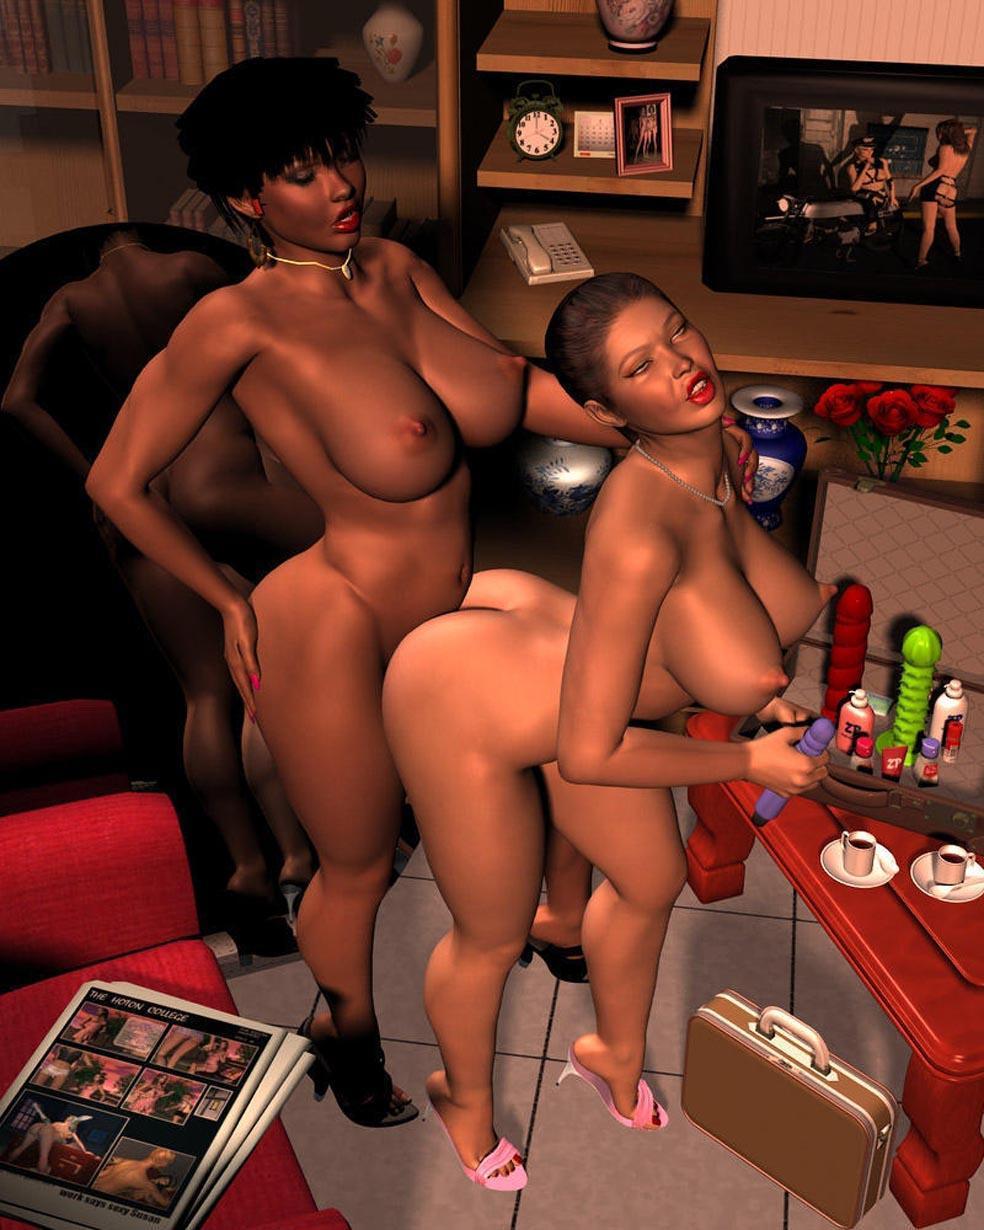 3d lesbian sex videos nudes image